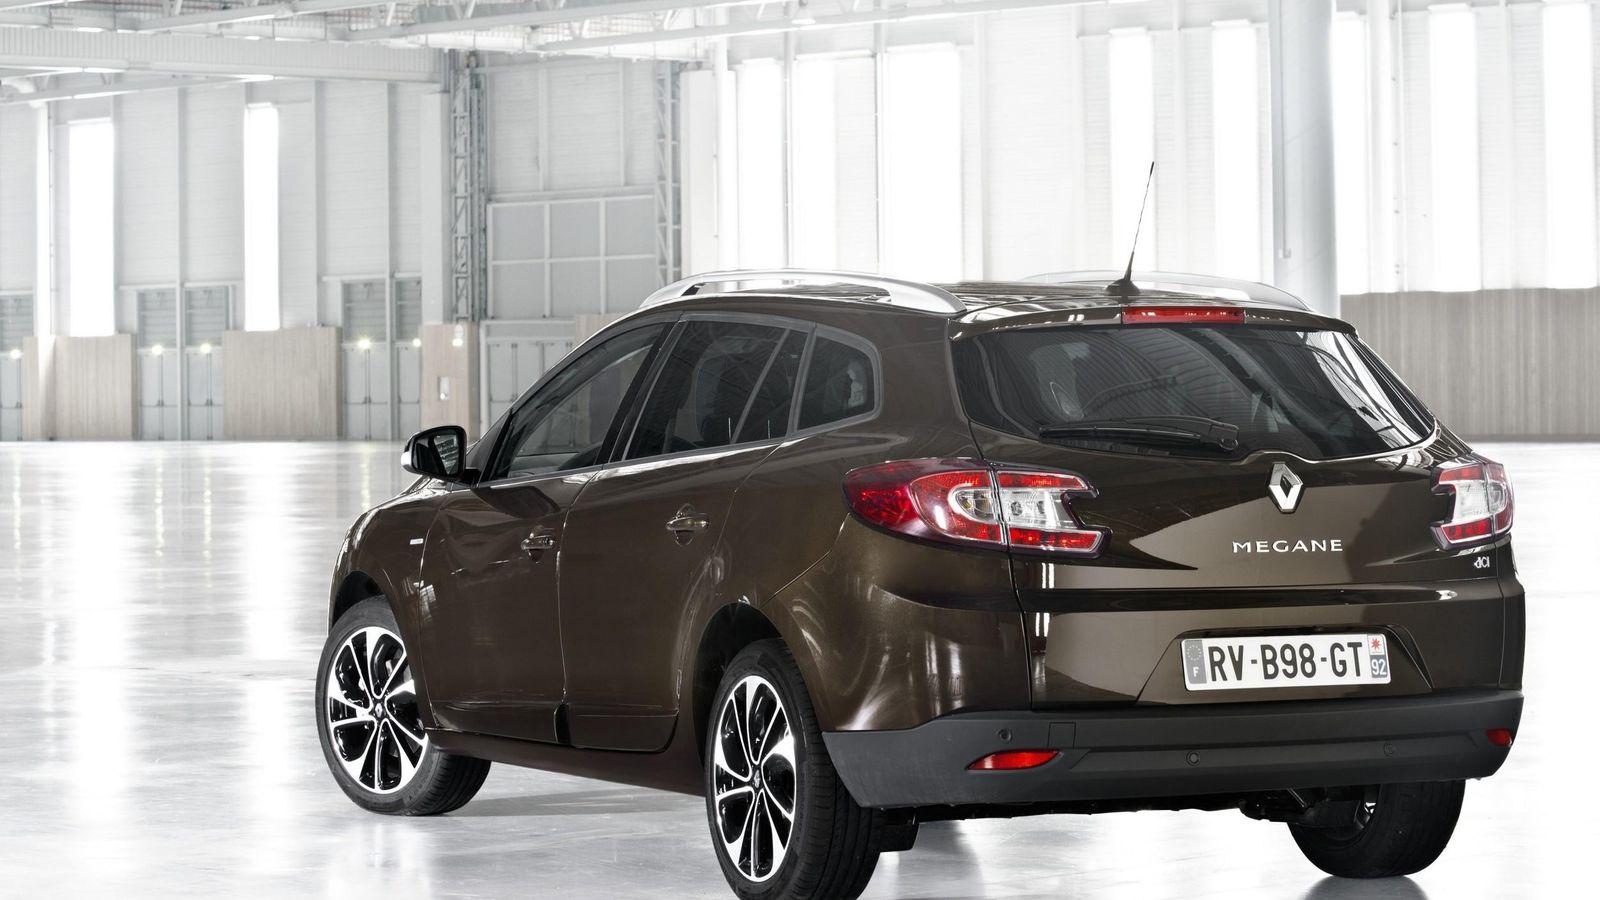 Renault: Admitida a trámite una demanda contra Renault por fallo en